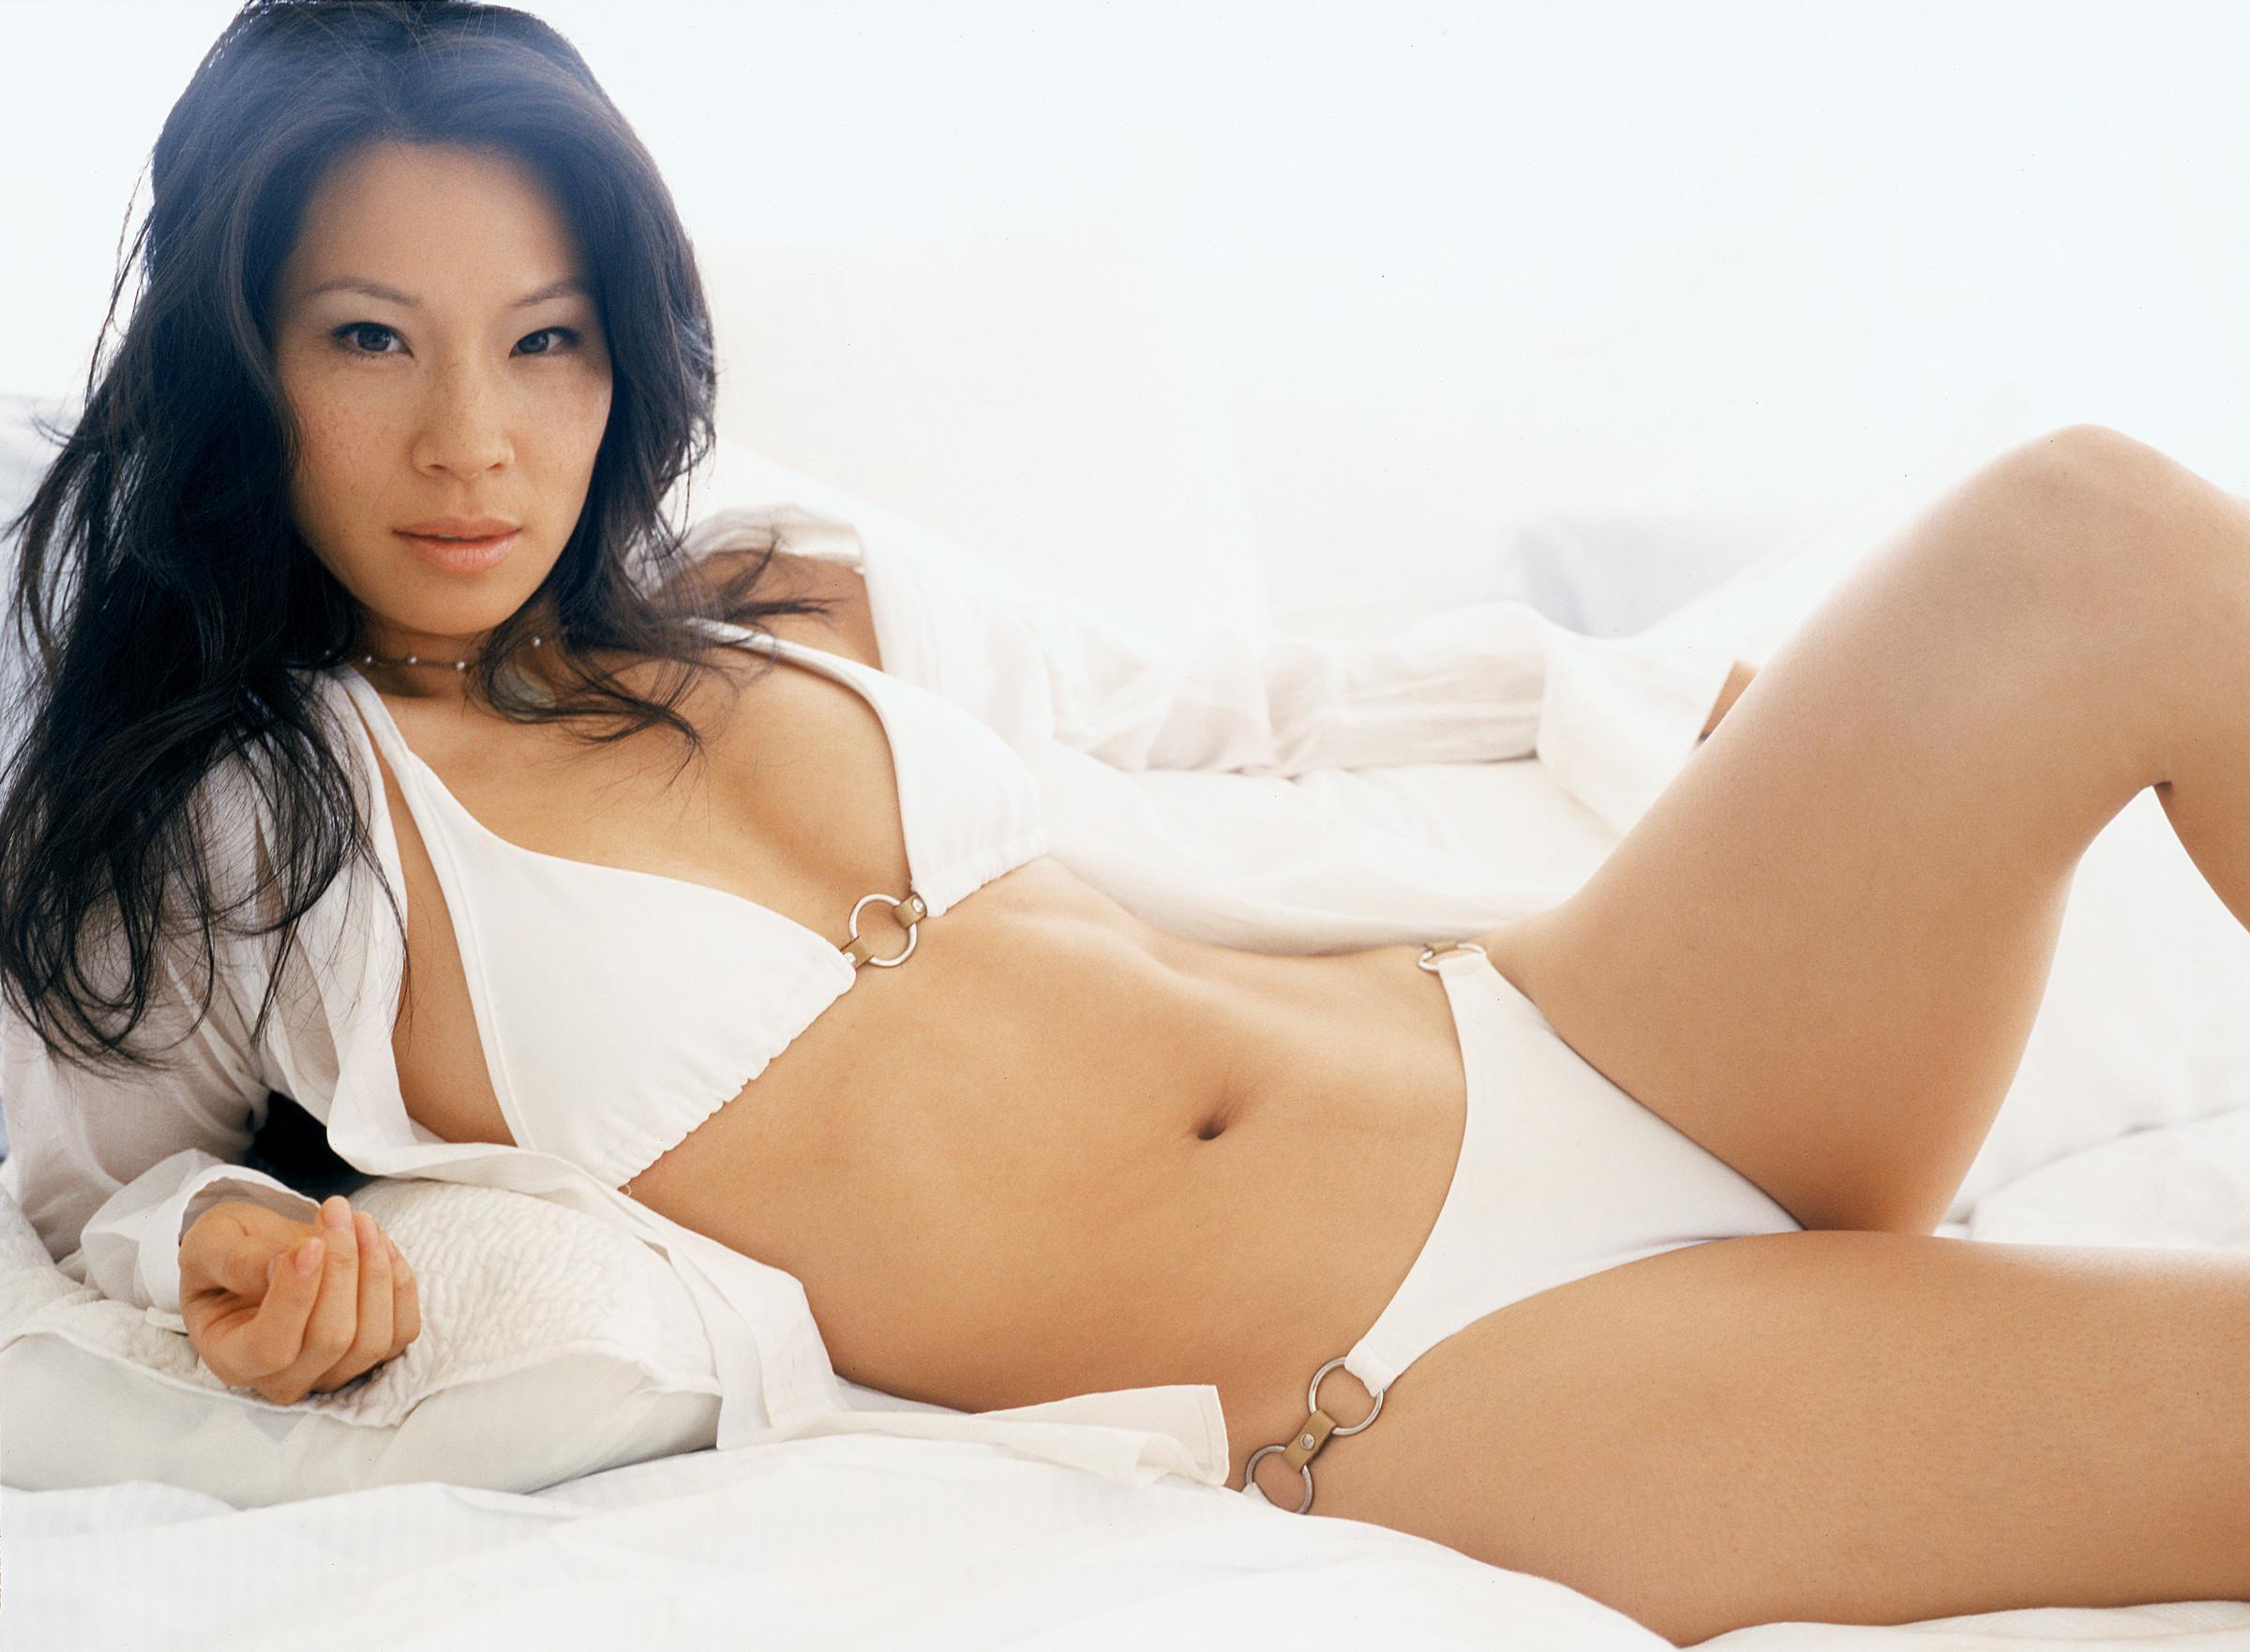 Смотреть самое красивое порно самые красивые девочки 14 фотография